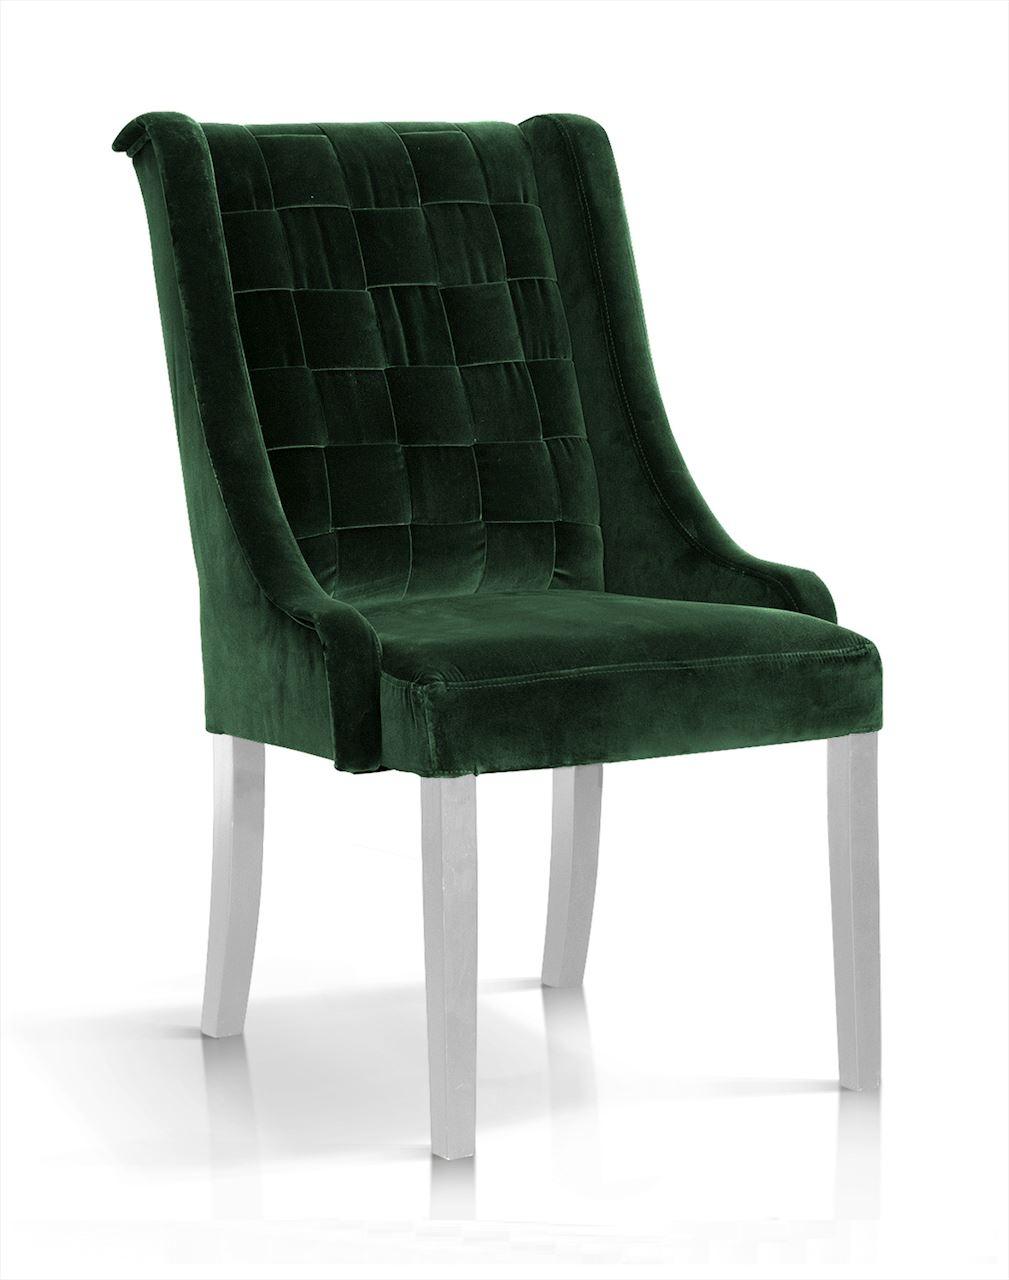 Scaun tapitat cu stofa, cu picioare din lemn Prince Verde / Alb, l55xA70xH105 cm